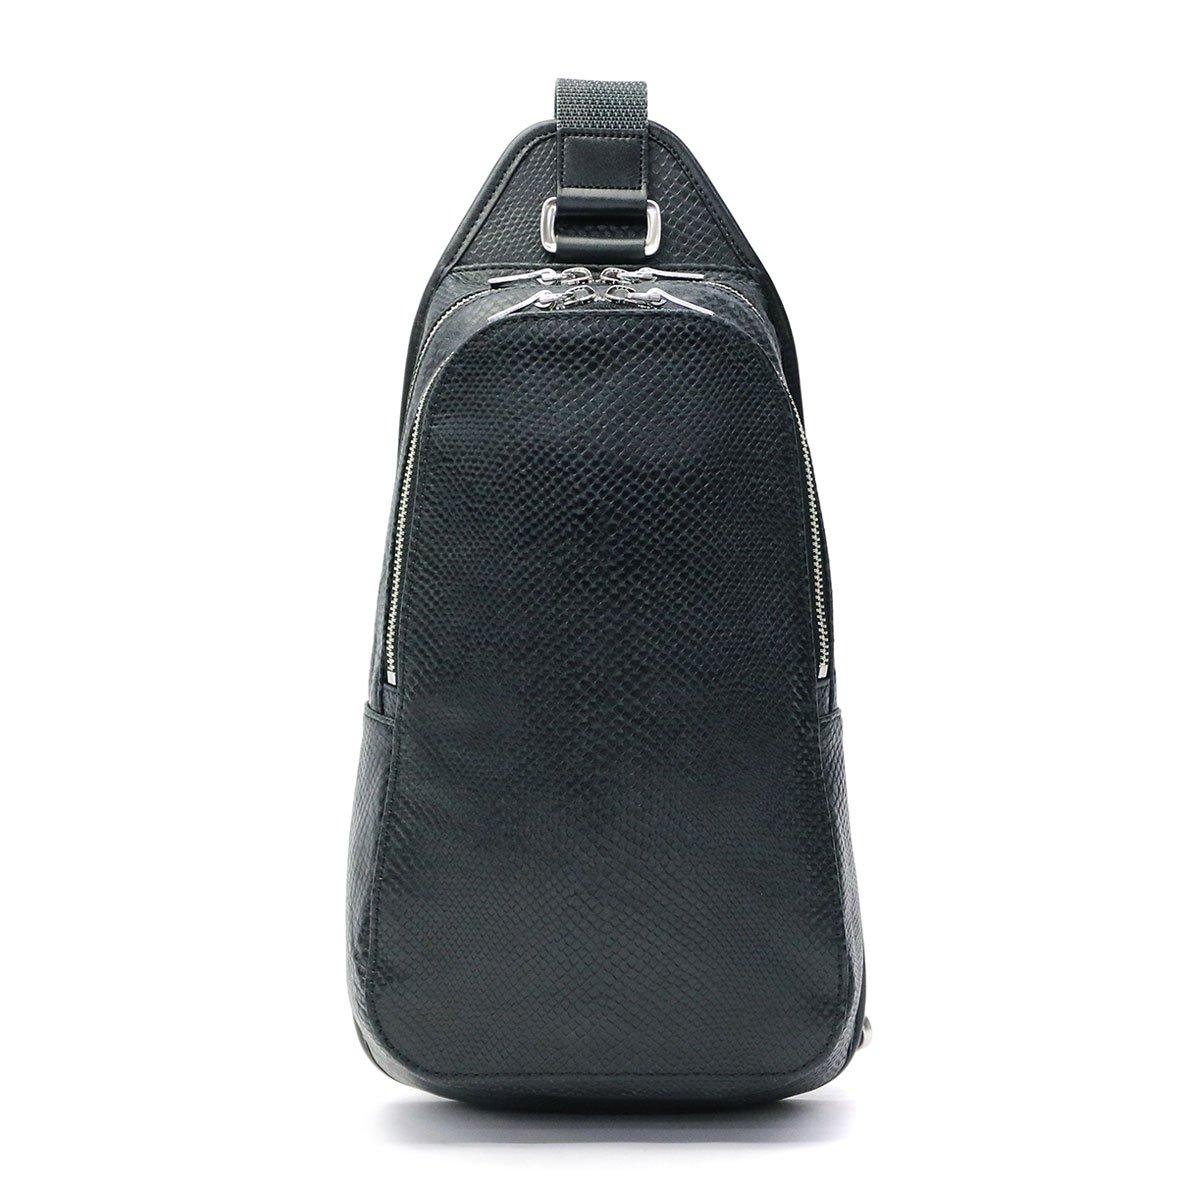 [アニアリ]ボディーバッグ スケイルレザー B079FMKM12 ブラック ブラック